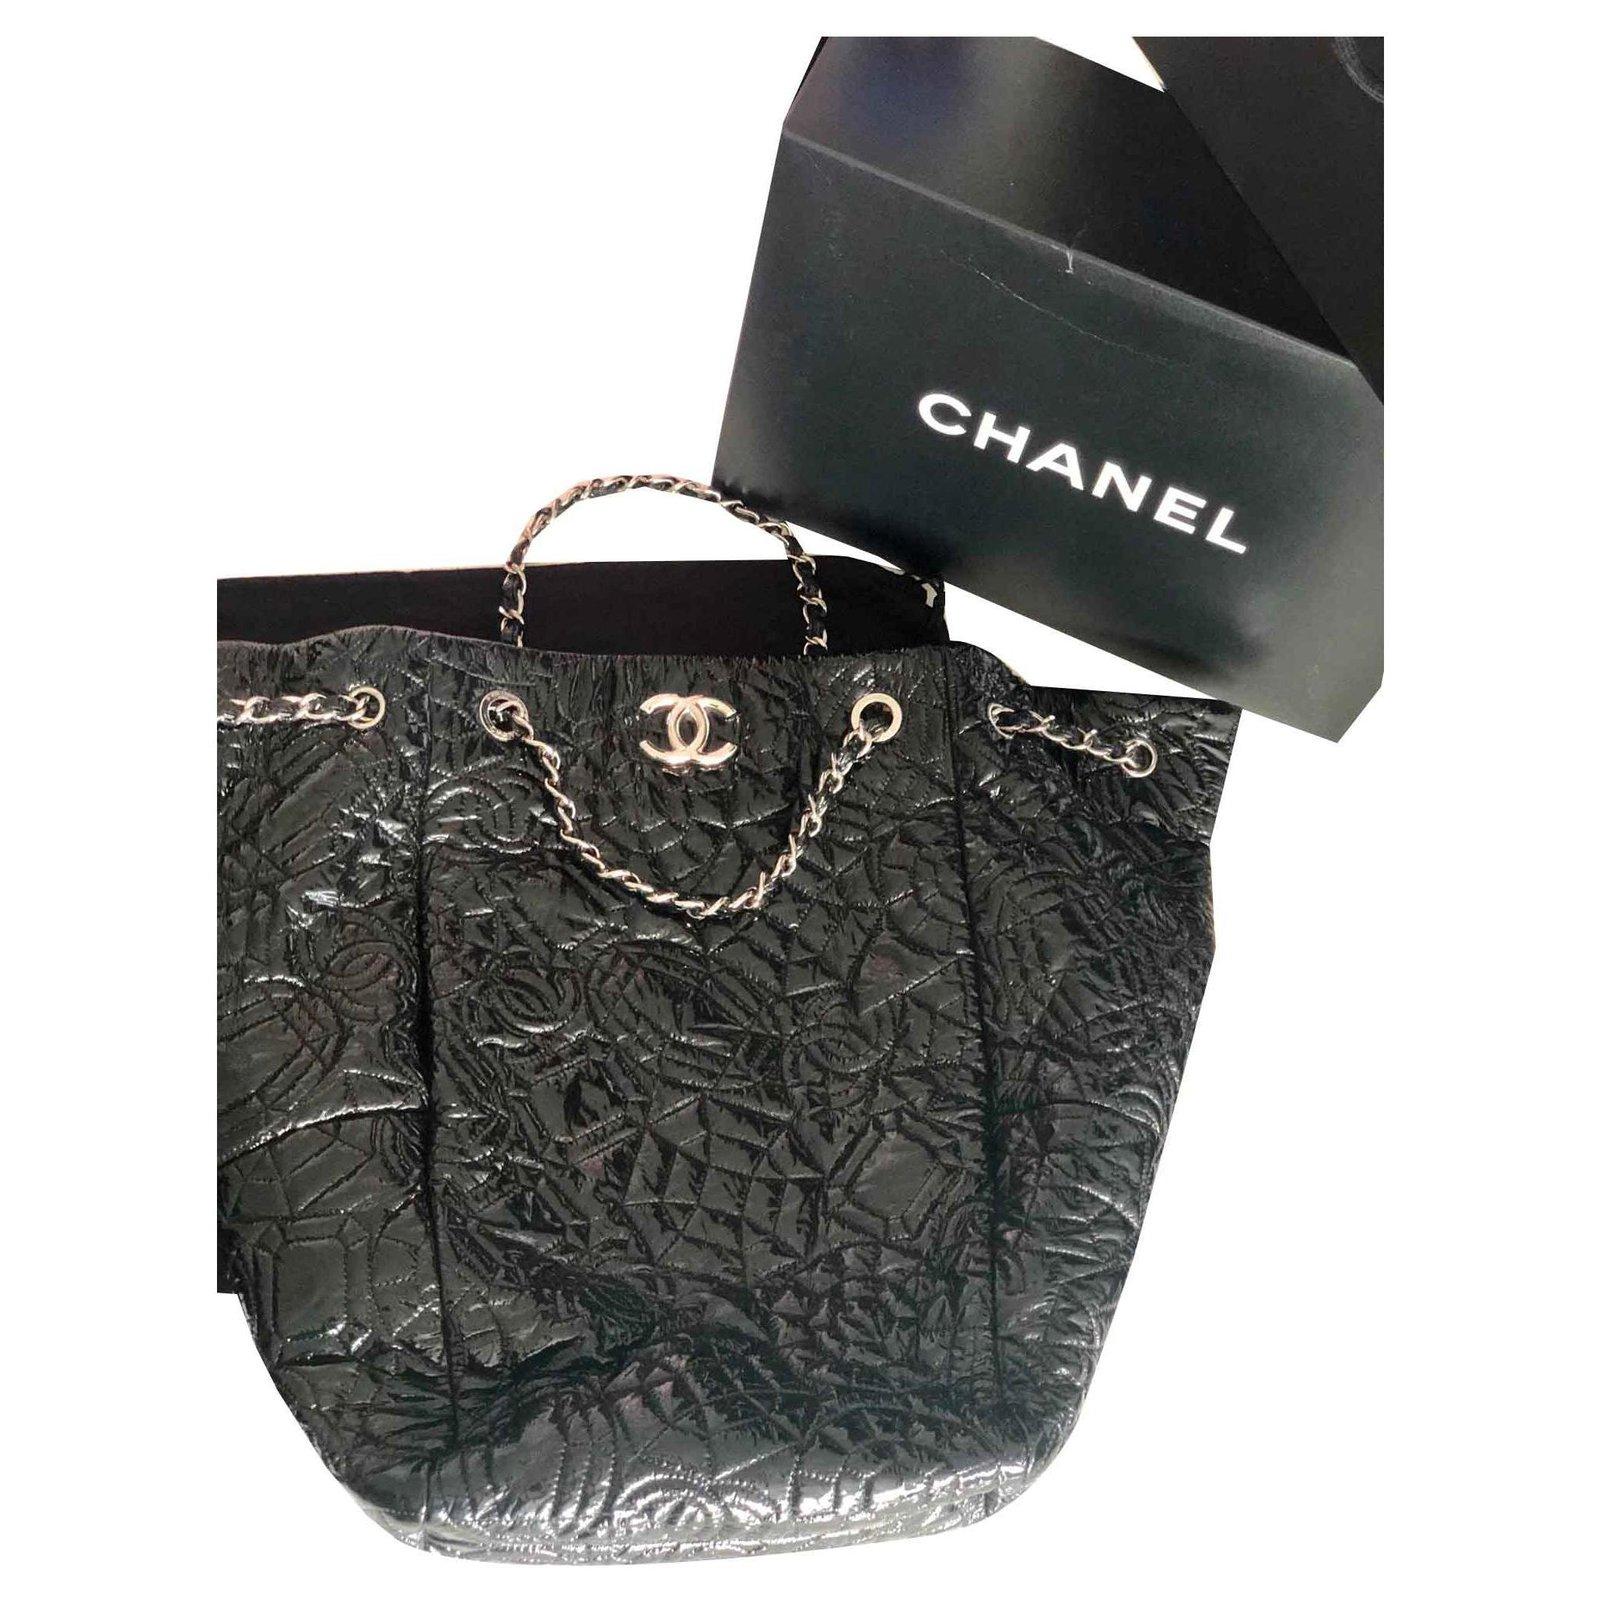 35520671d8 Sacs à main Chanel Grand sac chanel vinyles vernis camélia Vernis Noir  ref.117428